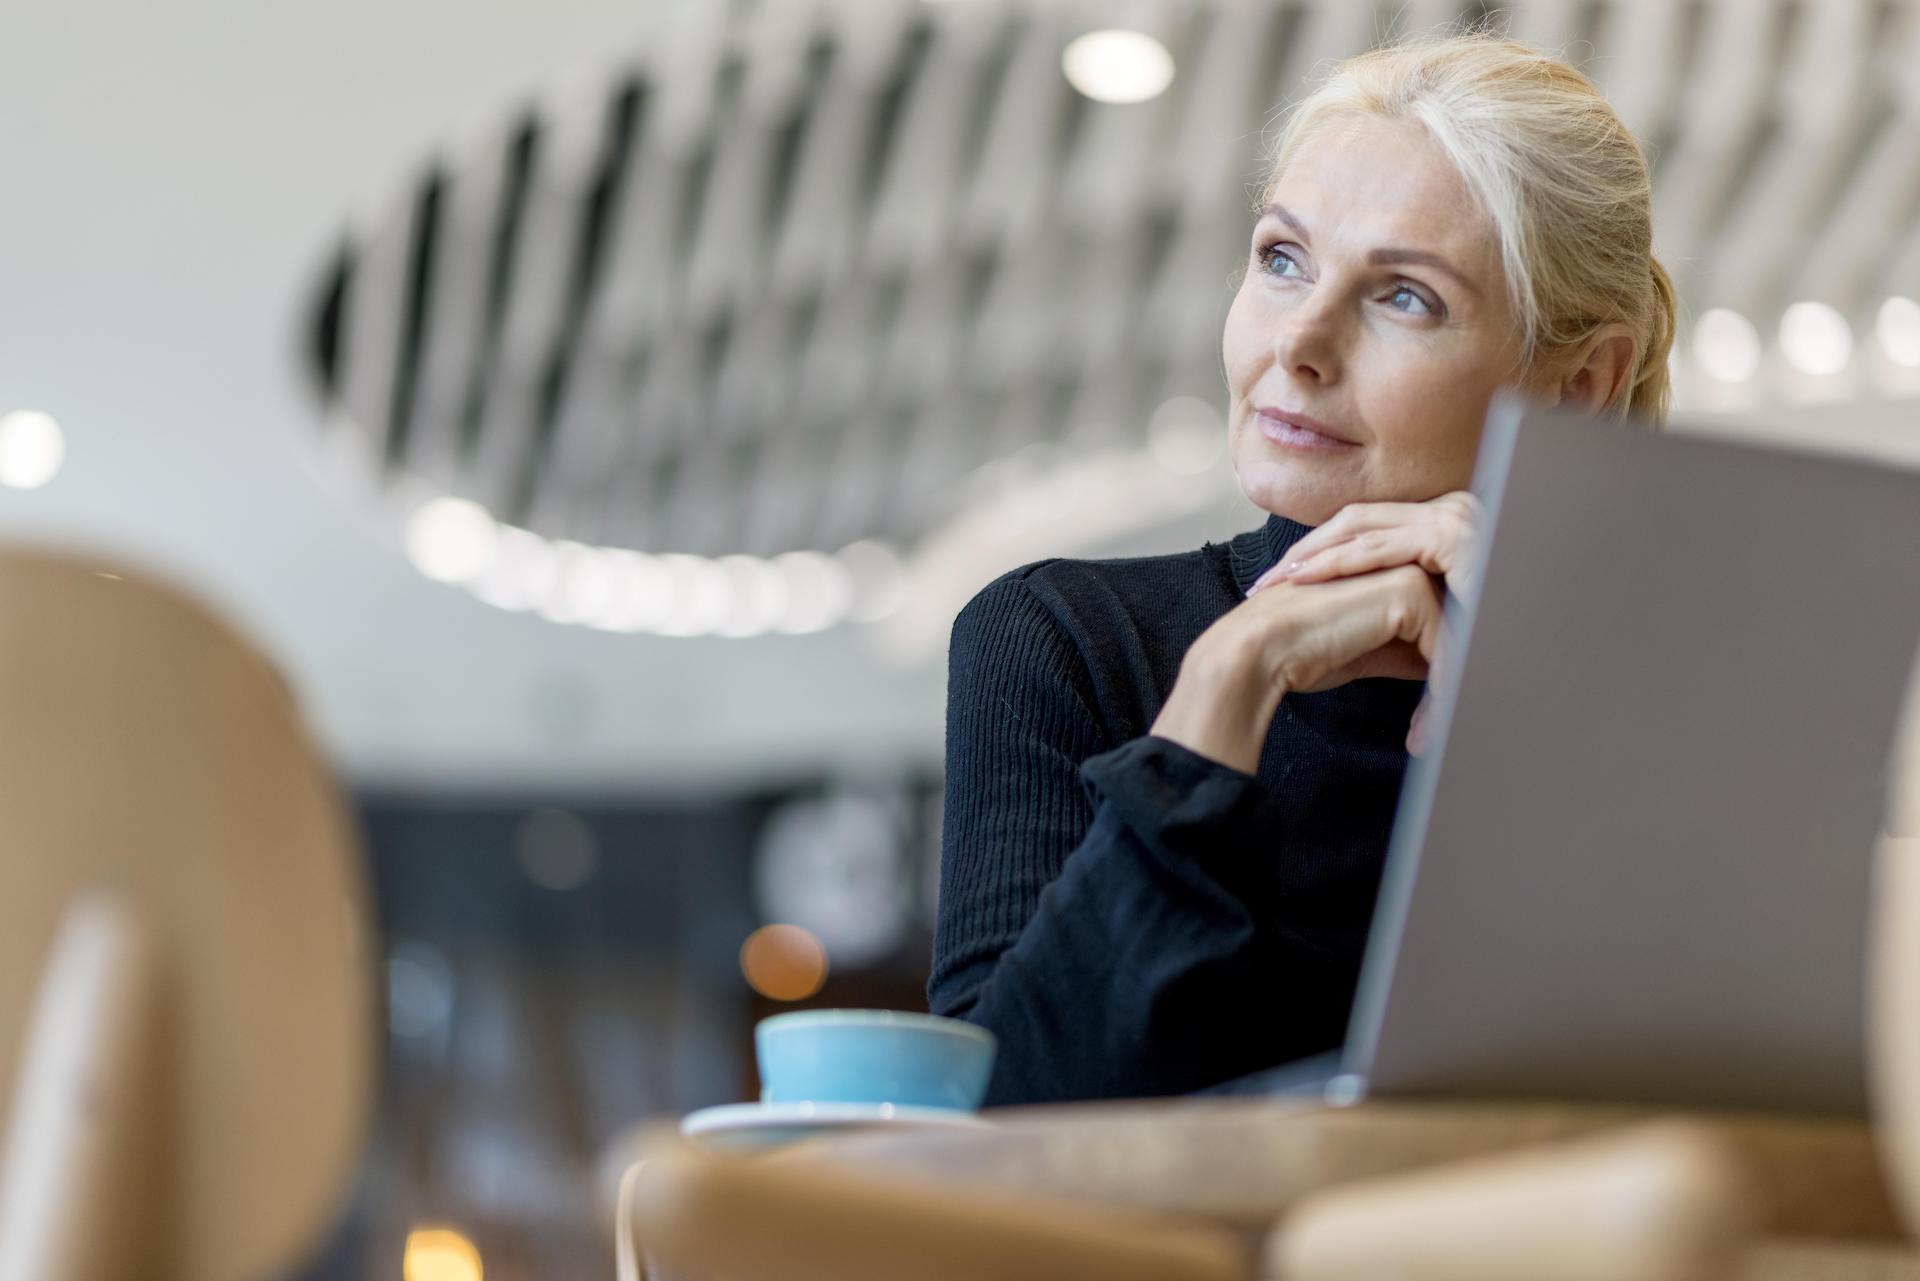 Hoe vind je in coronatijd de juiste balans tussen werk en privé?